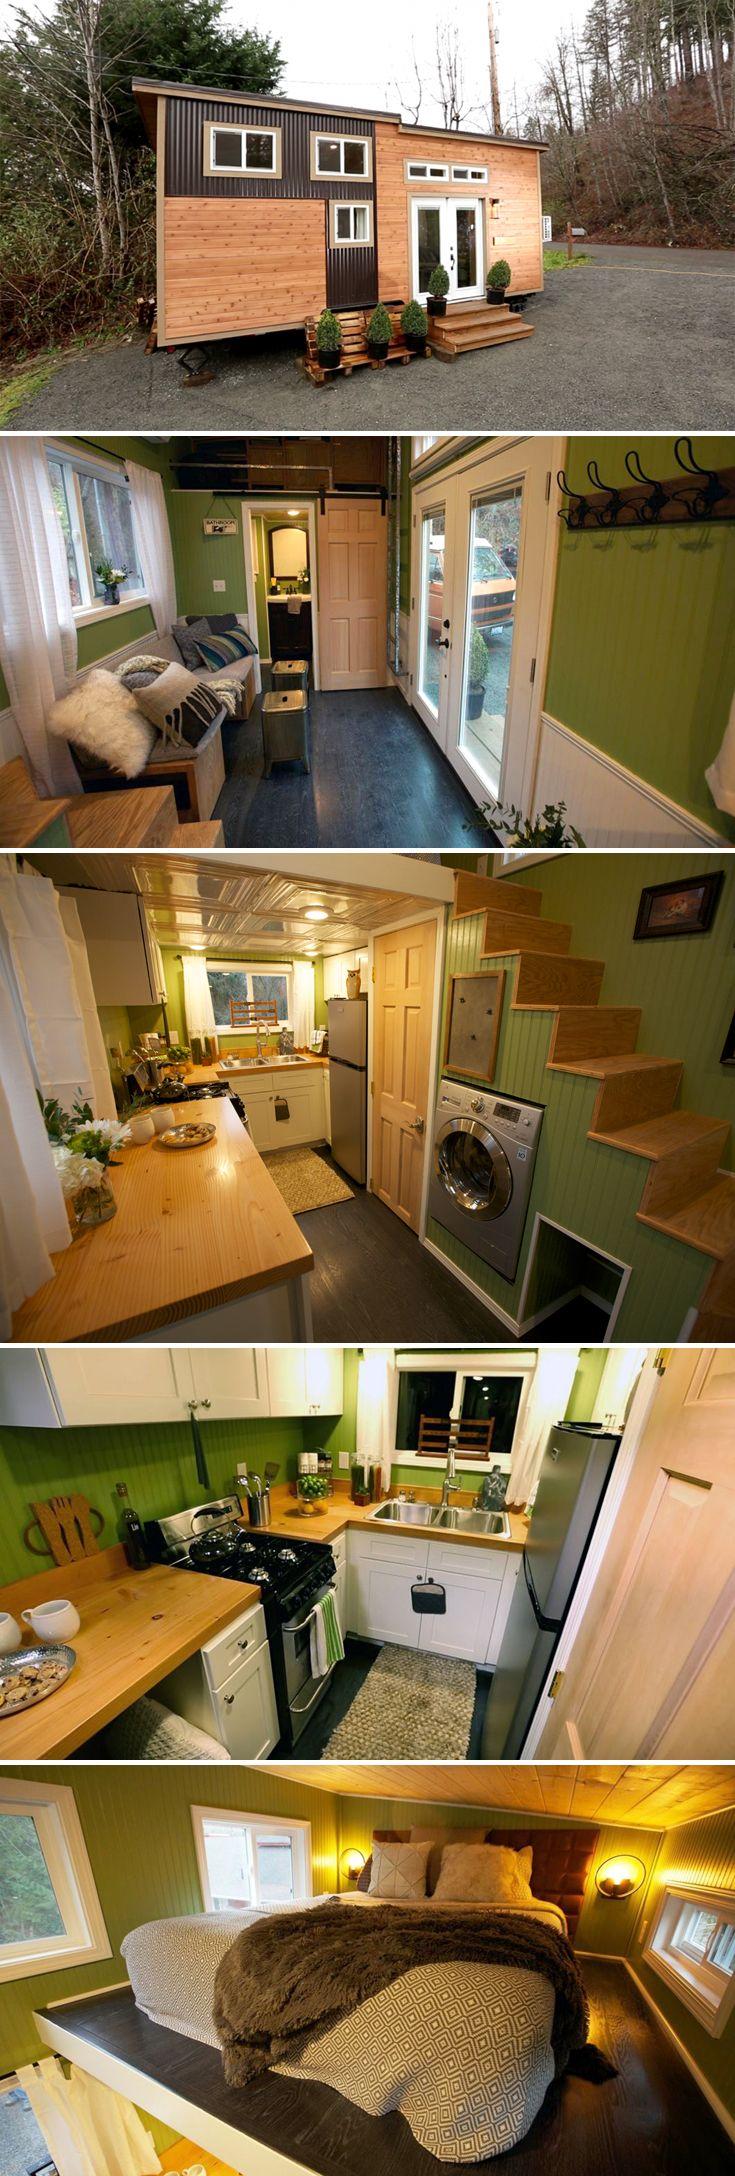 630 besten Home Inspiration Bilder auf Pinterest | Haus ideen ...